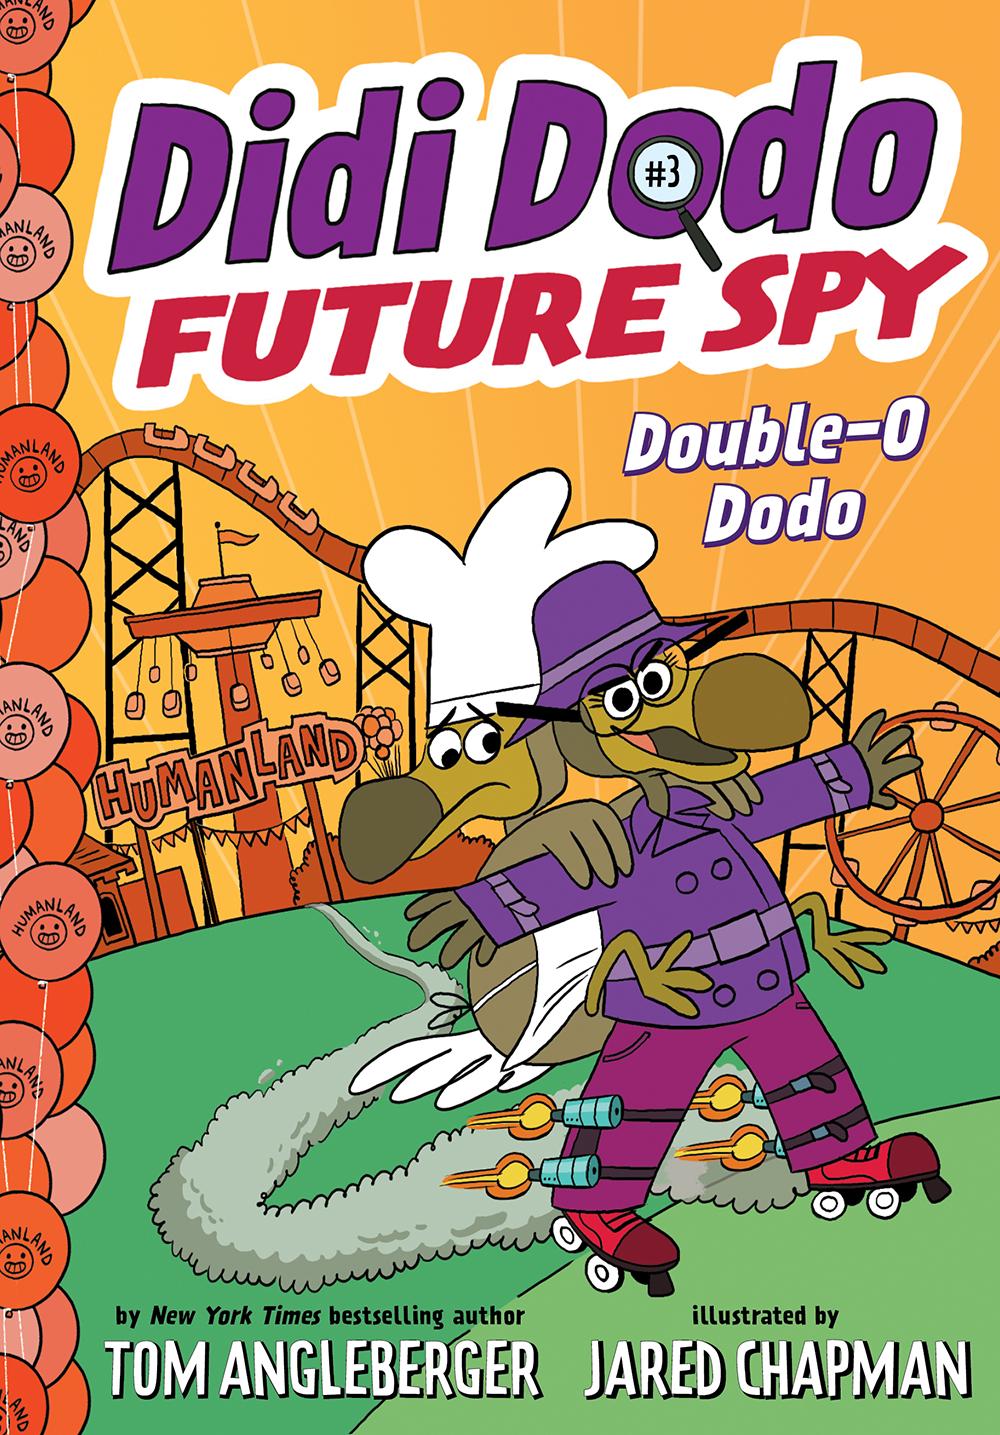 Double-O Dodo